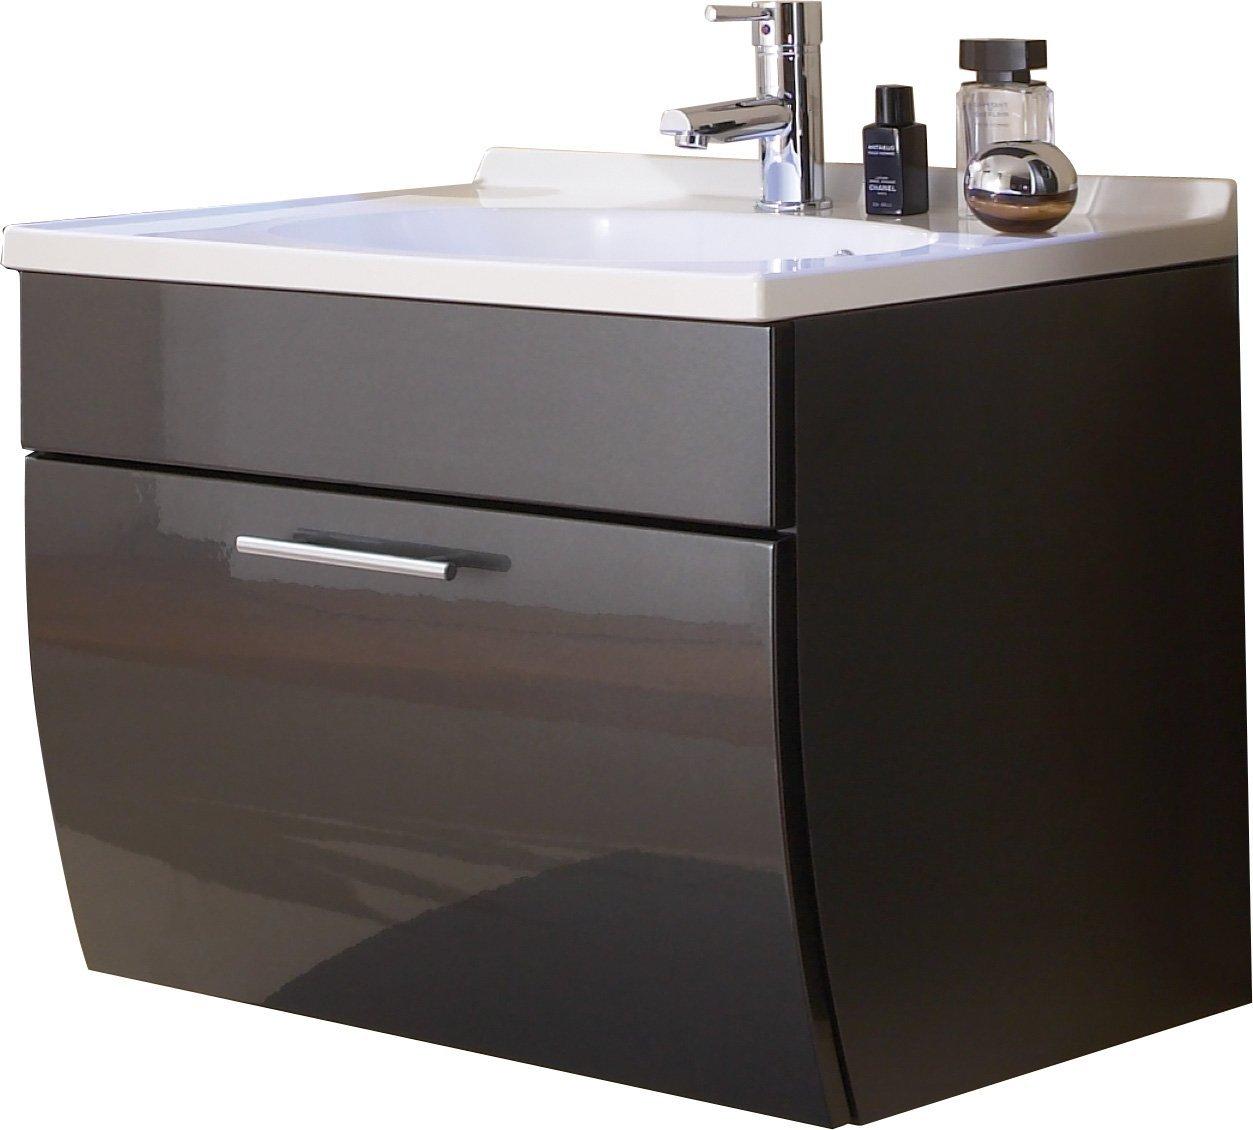 waschtisch mit unterschrank waschtisch mit unterschrank. Black Bedroom Furniture Sets. Home Design Ideas